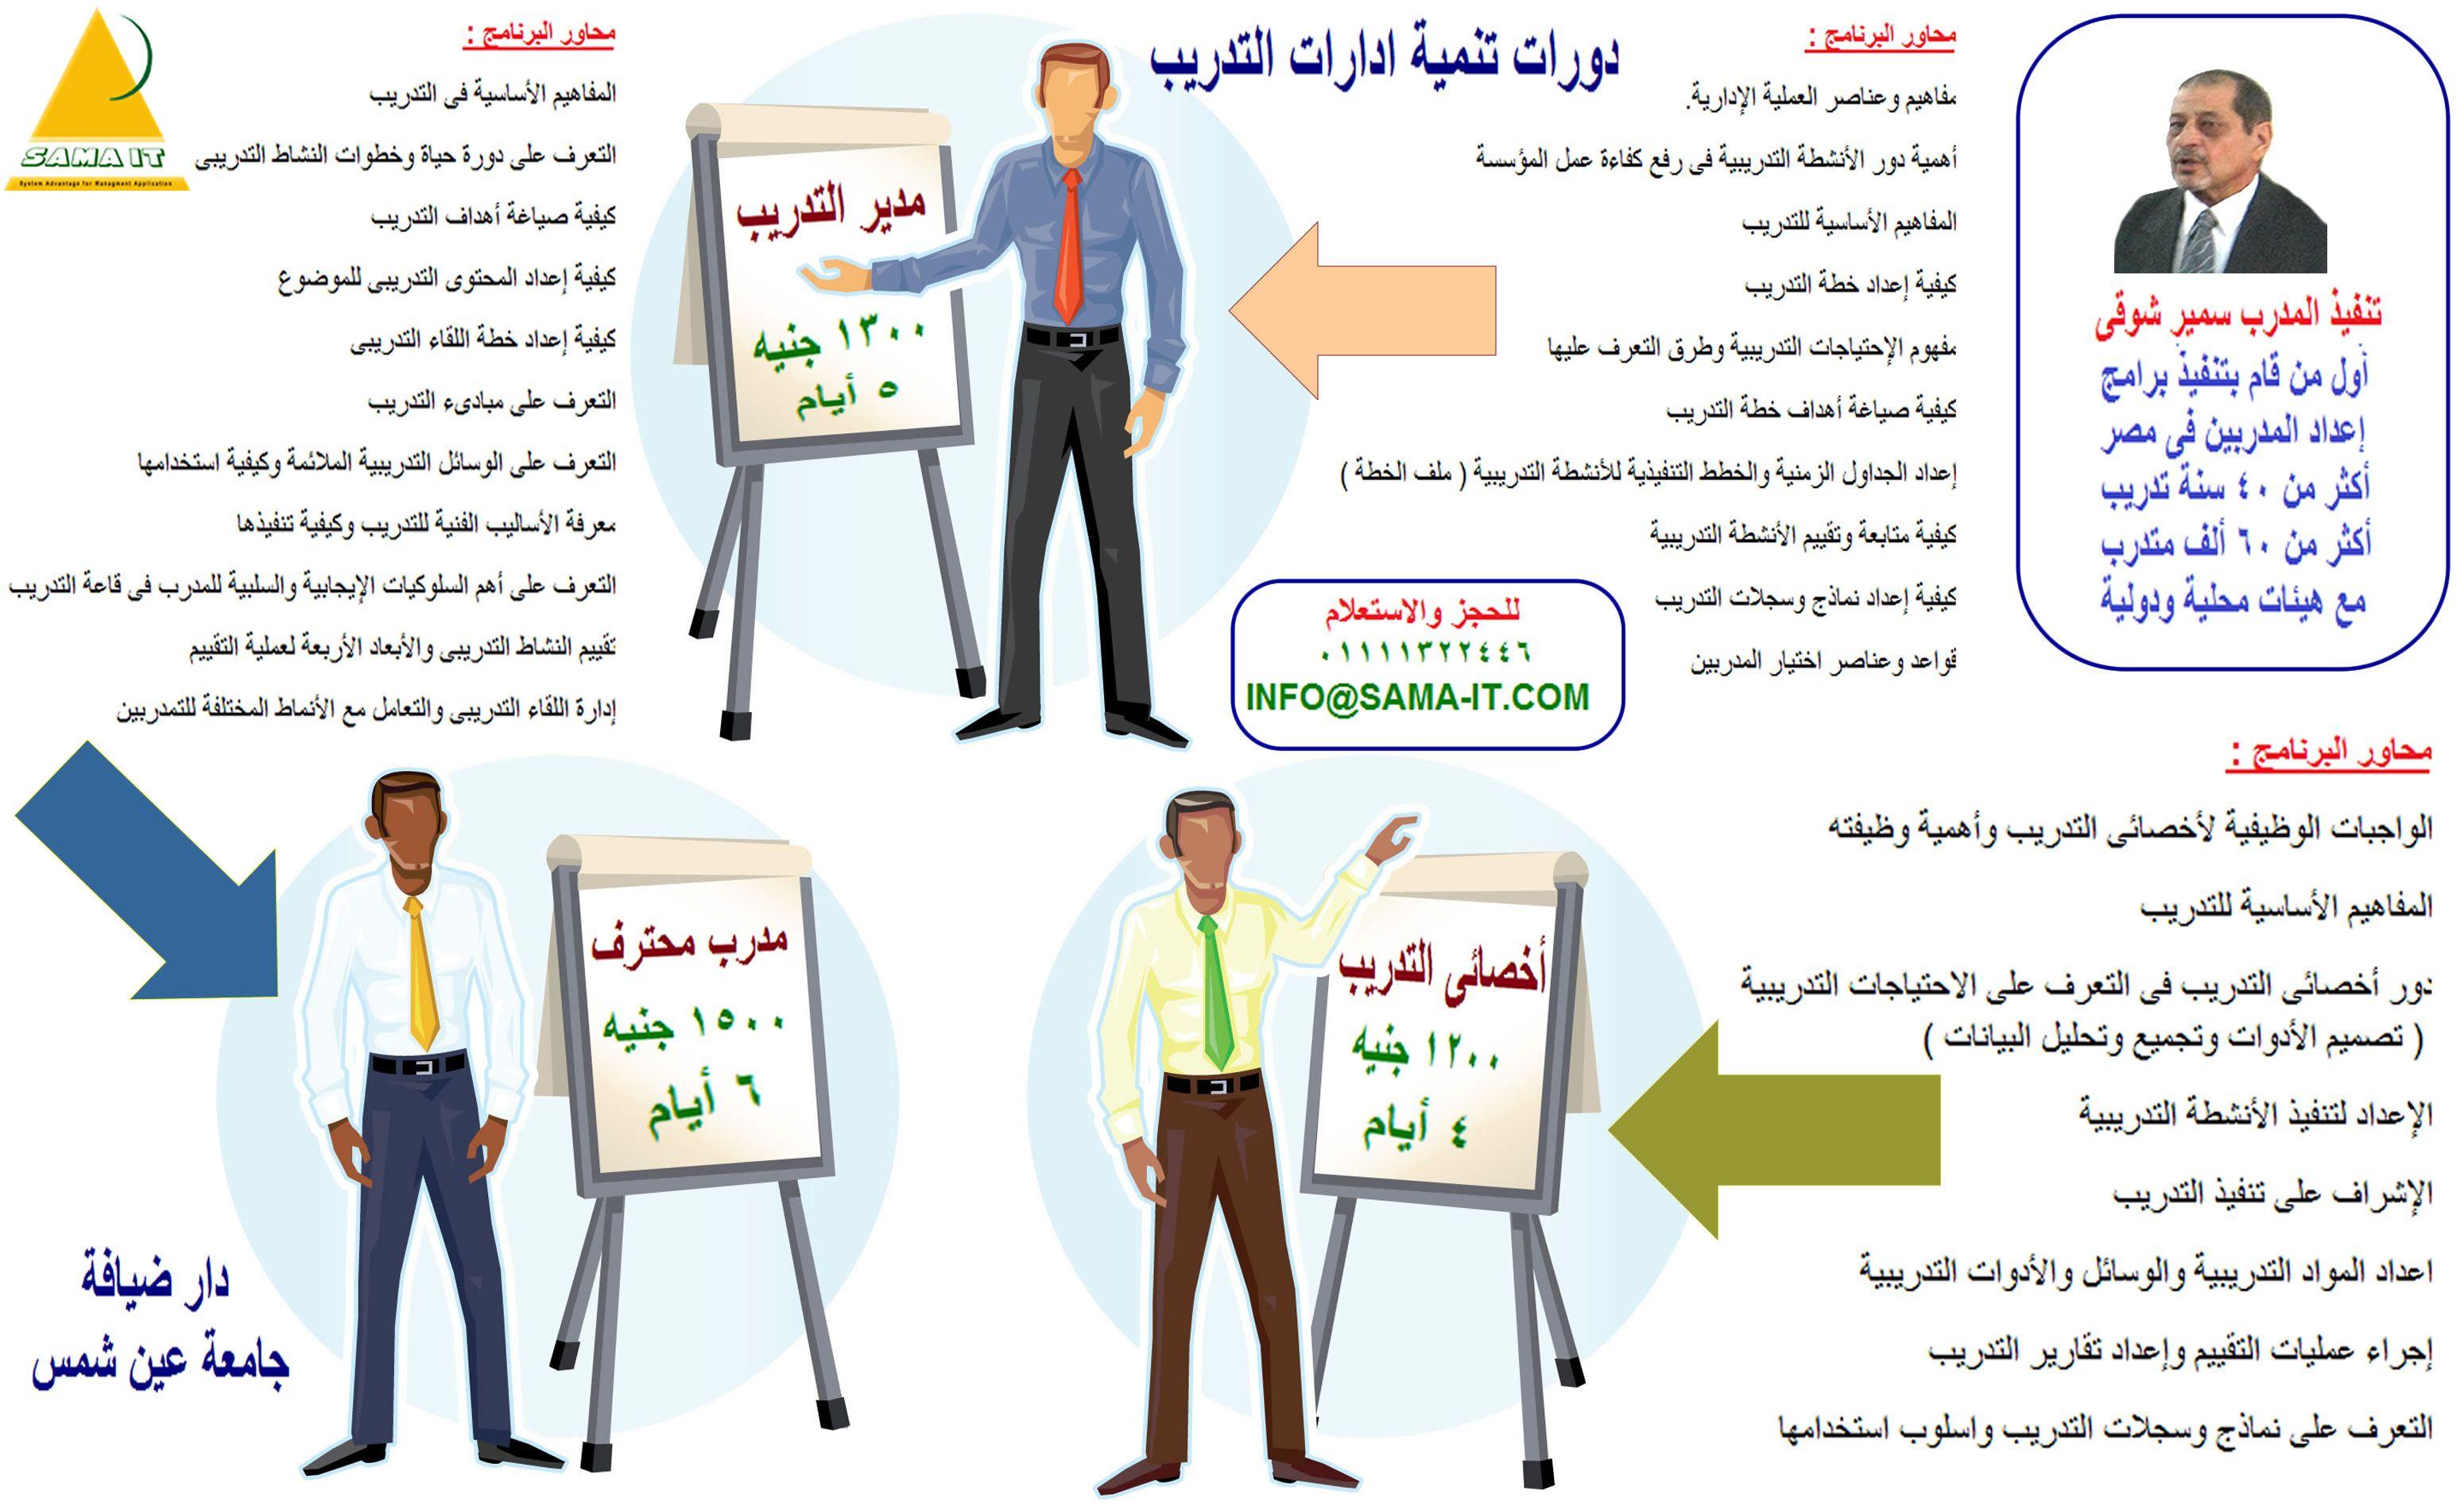 دورات تنمية ادارات التدريب وتشمل 1 إعداد مدير التدريب 2 إعداد أخصائى التدريب 3 إعداد مدرب محترف Courses